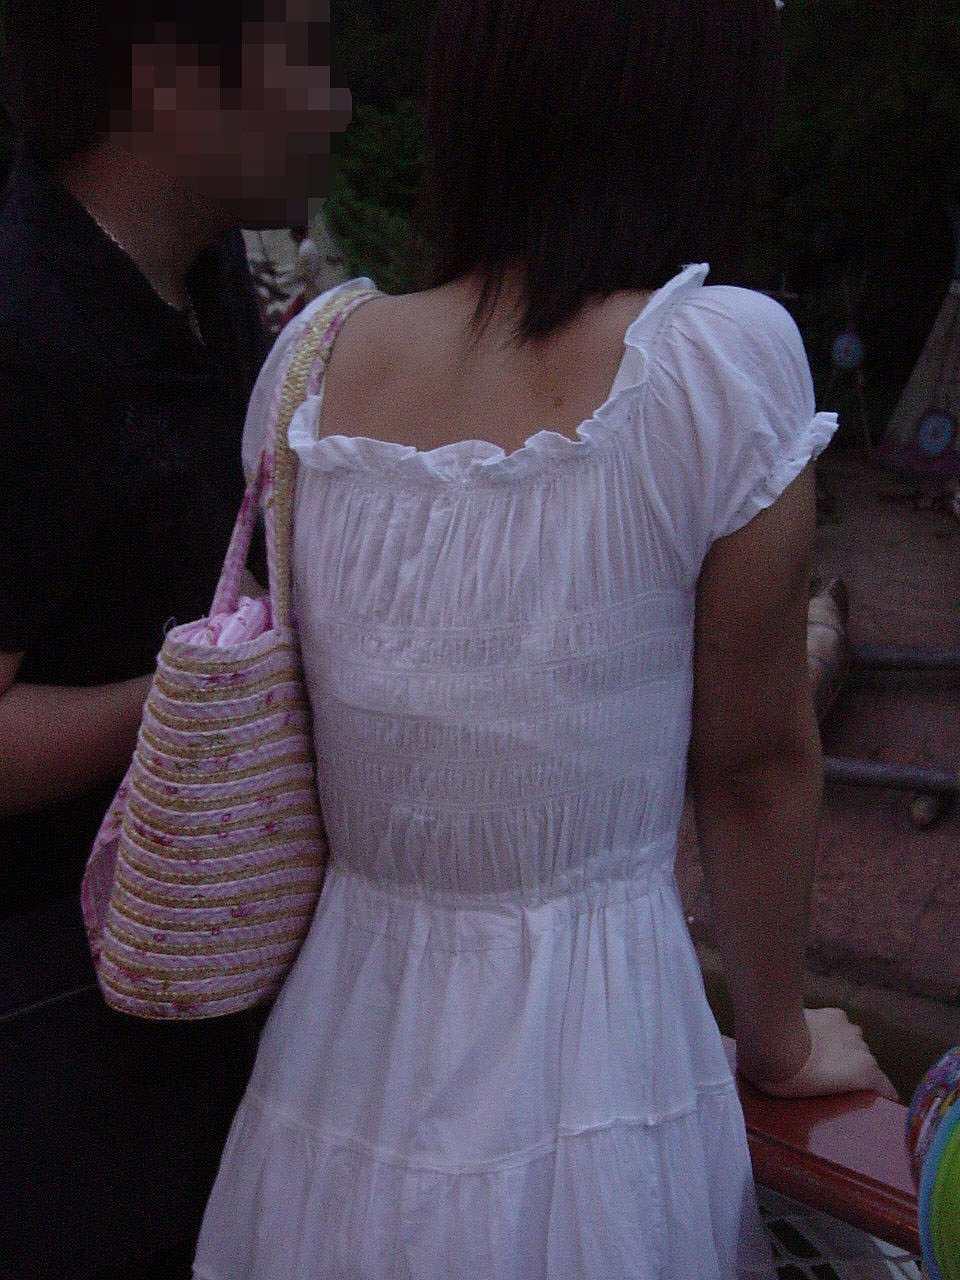 【透けブラエロ画像】GWの夏日のお楽しみ…じっとり汗ばんだ背中の透けブラ無差別撮り(*´Д`)